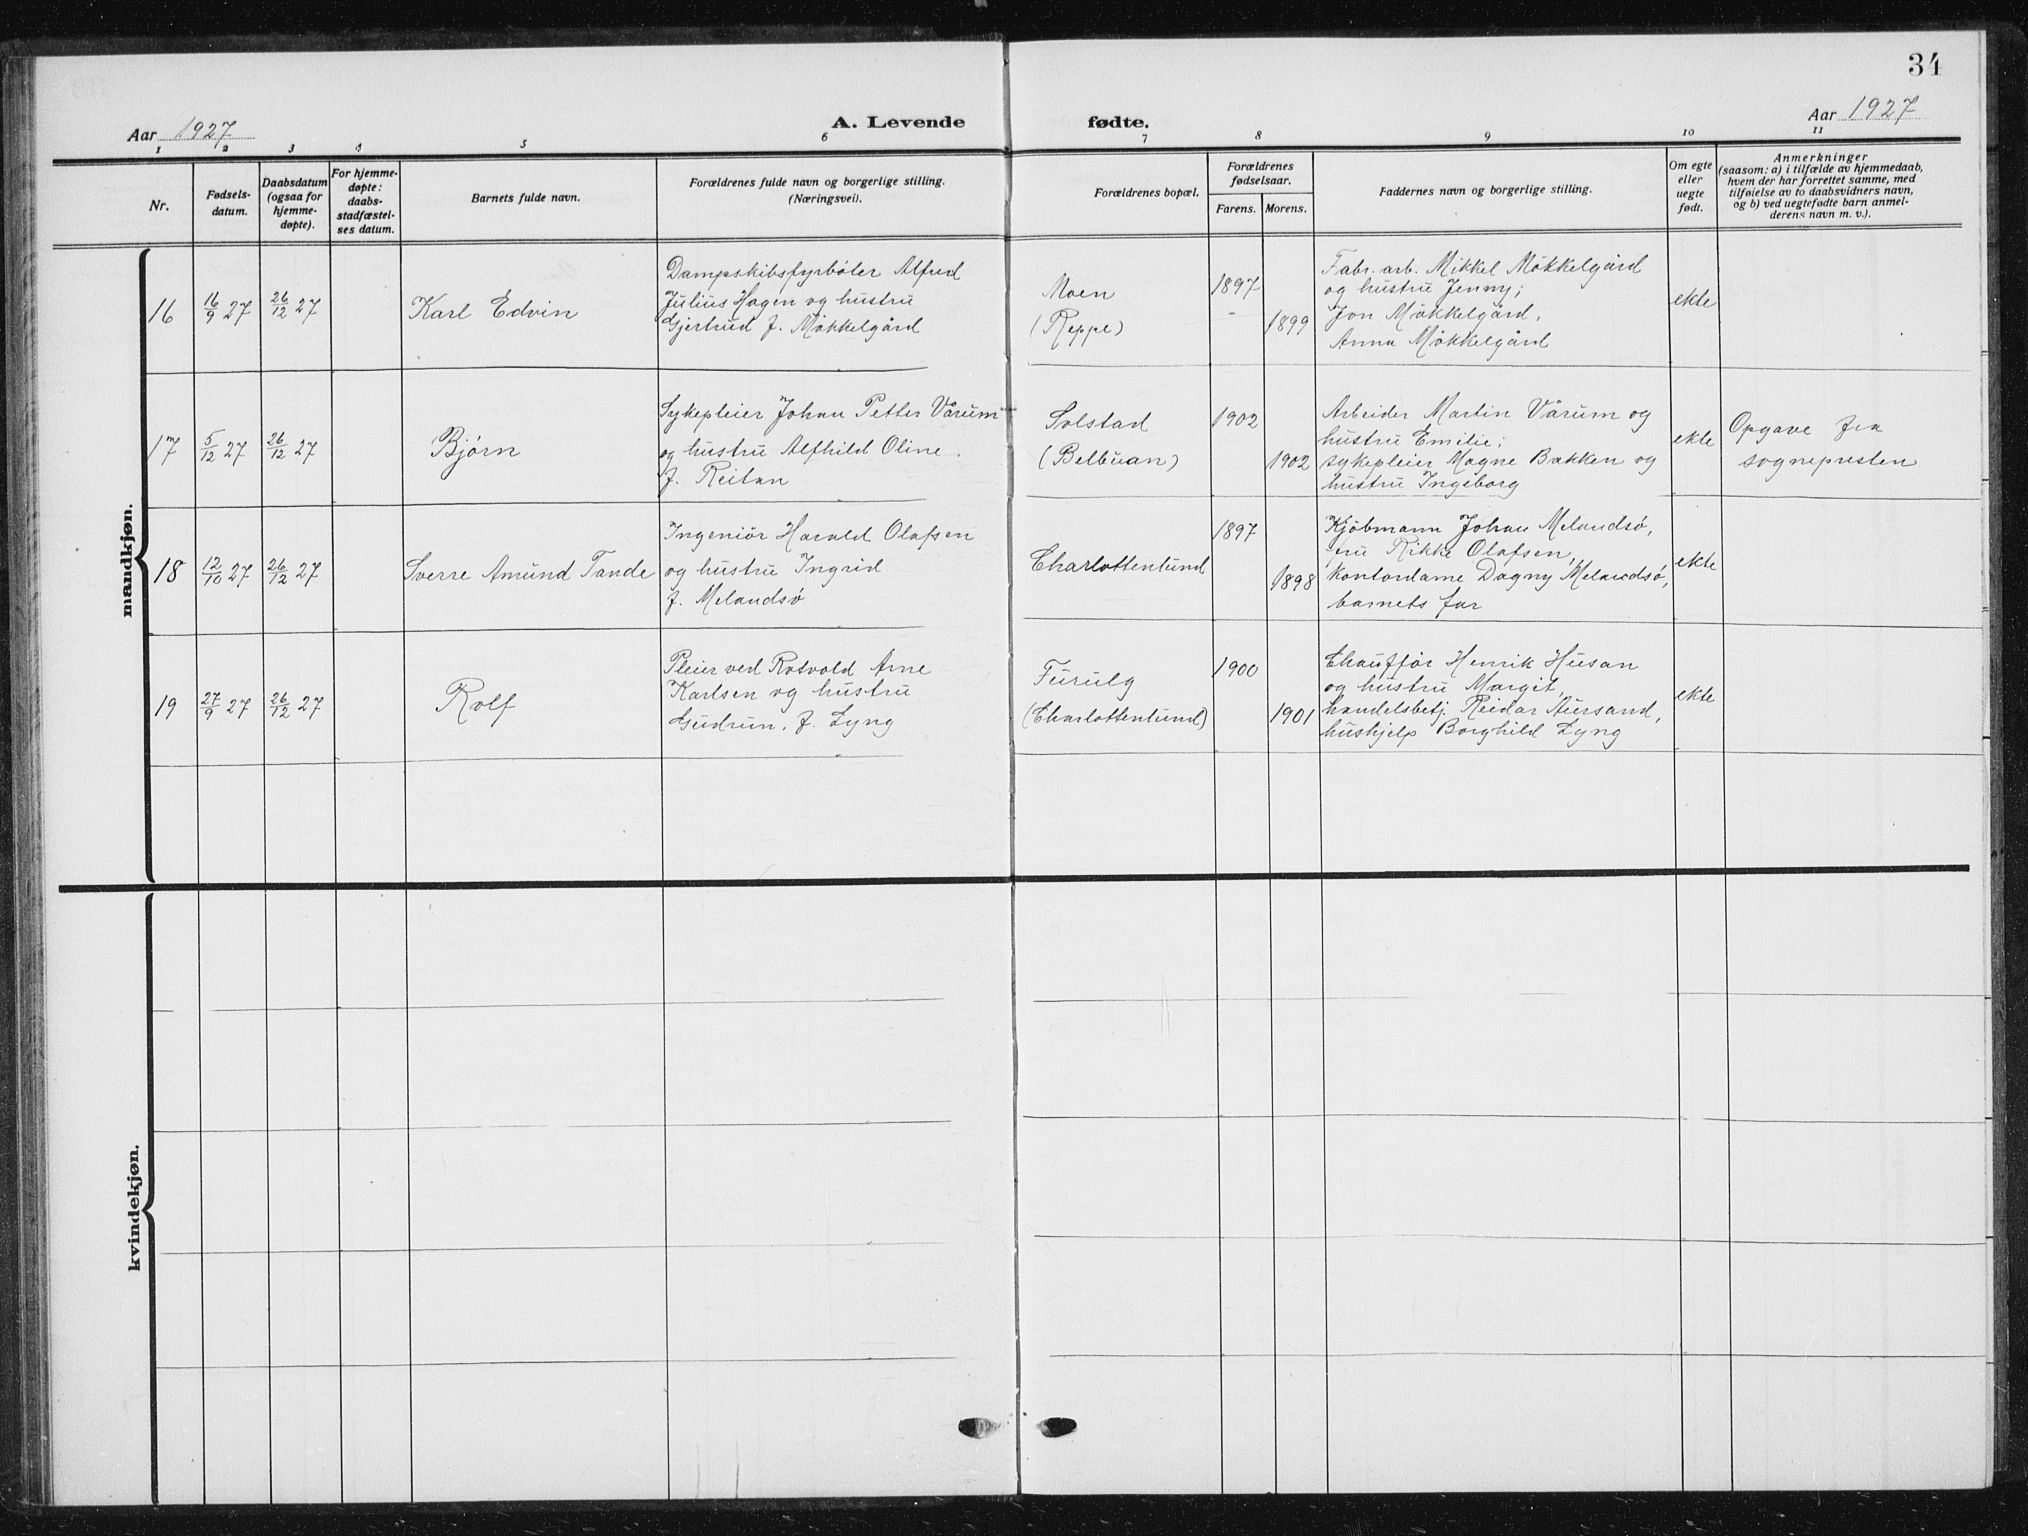 SAT, Ministerialprotokoller, klokkerbøker og fødselsregistre - Sør-Trøndelag, 615/L0401: Klokkerbok nr. 615C02, 1922-1941, s. 34